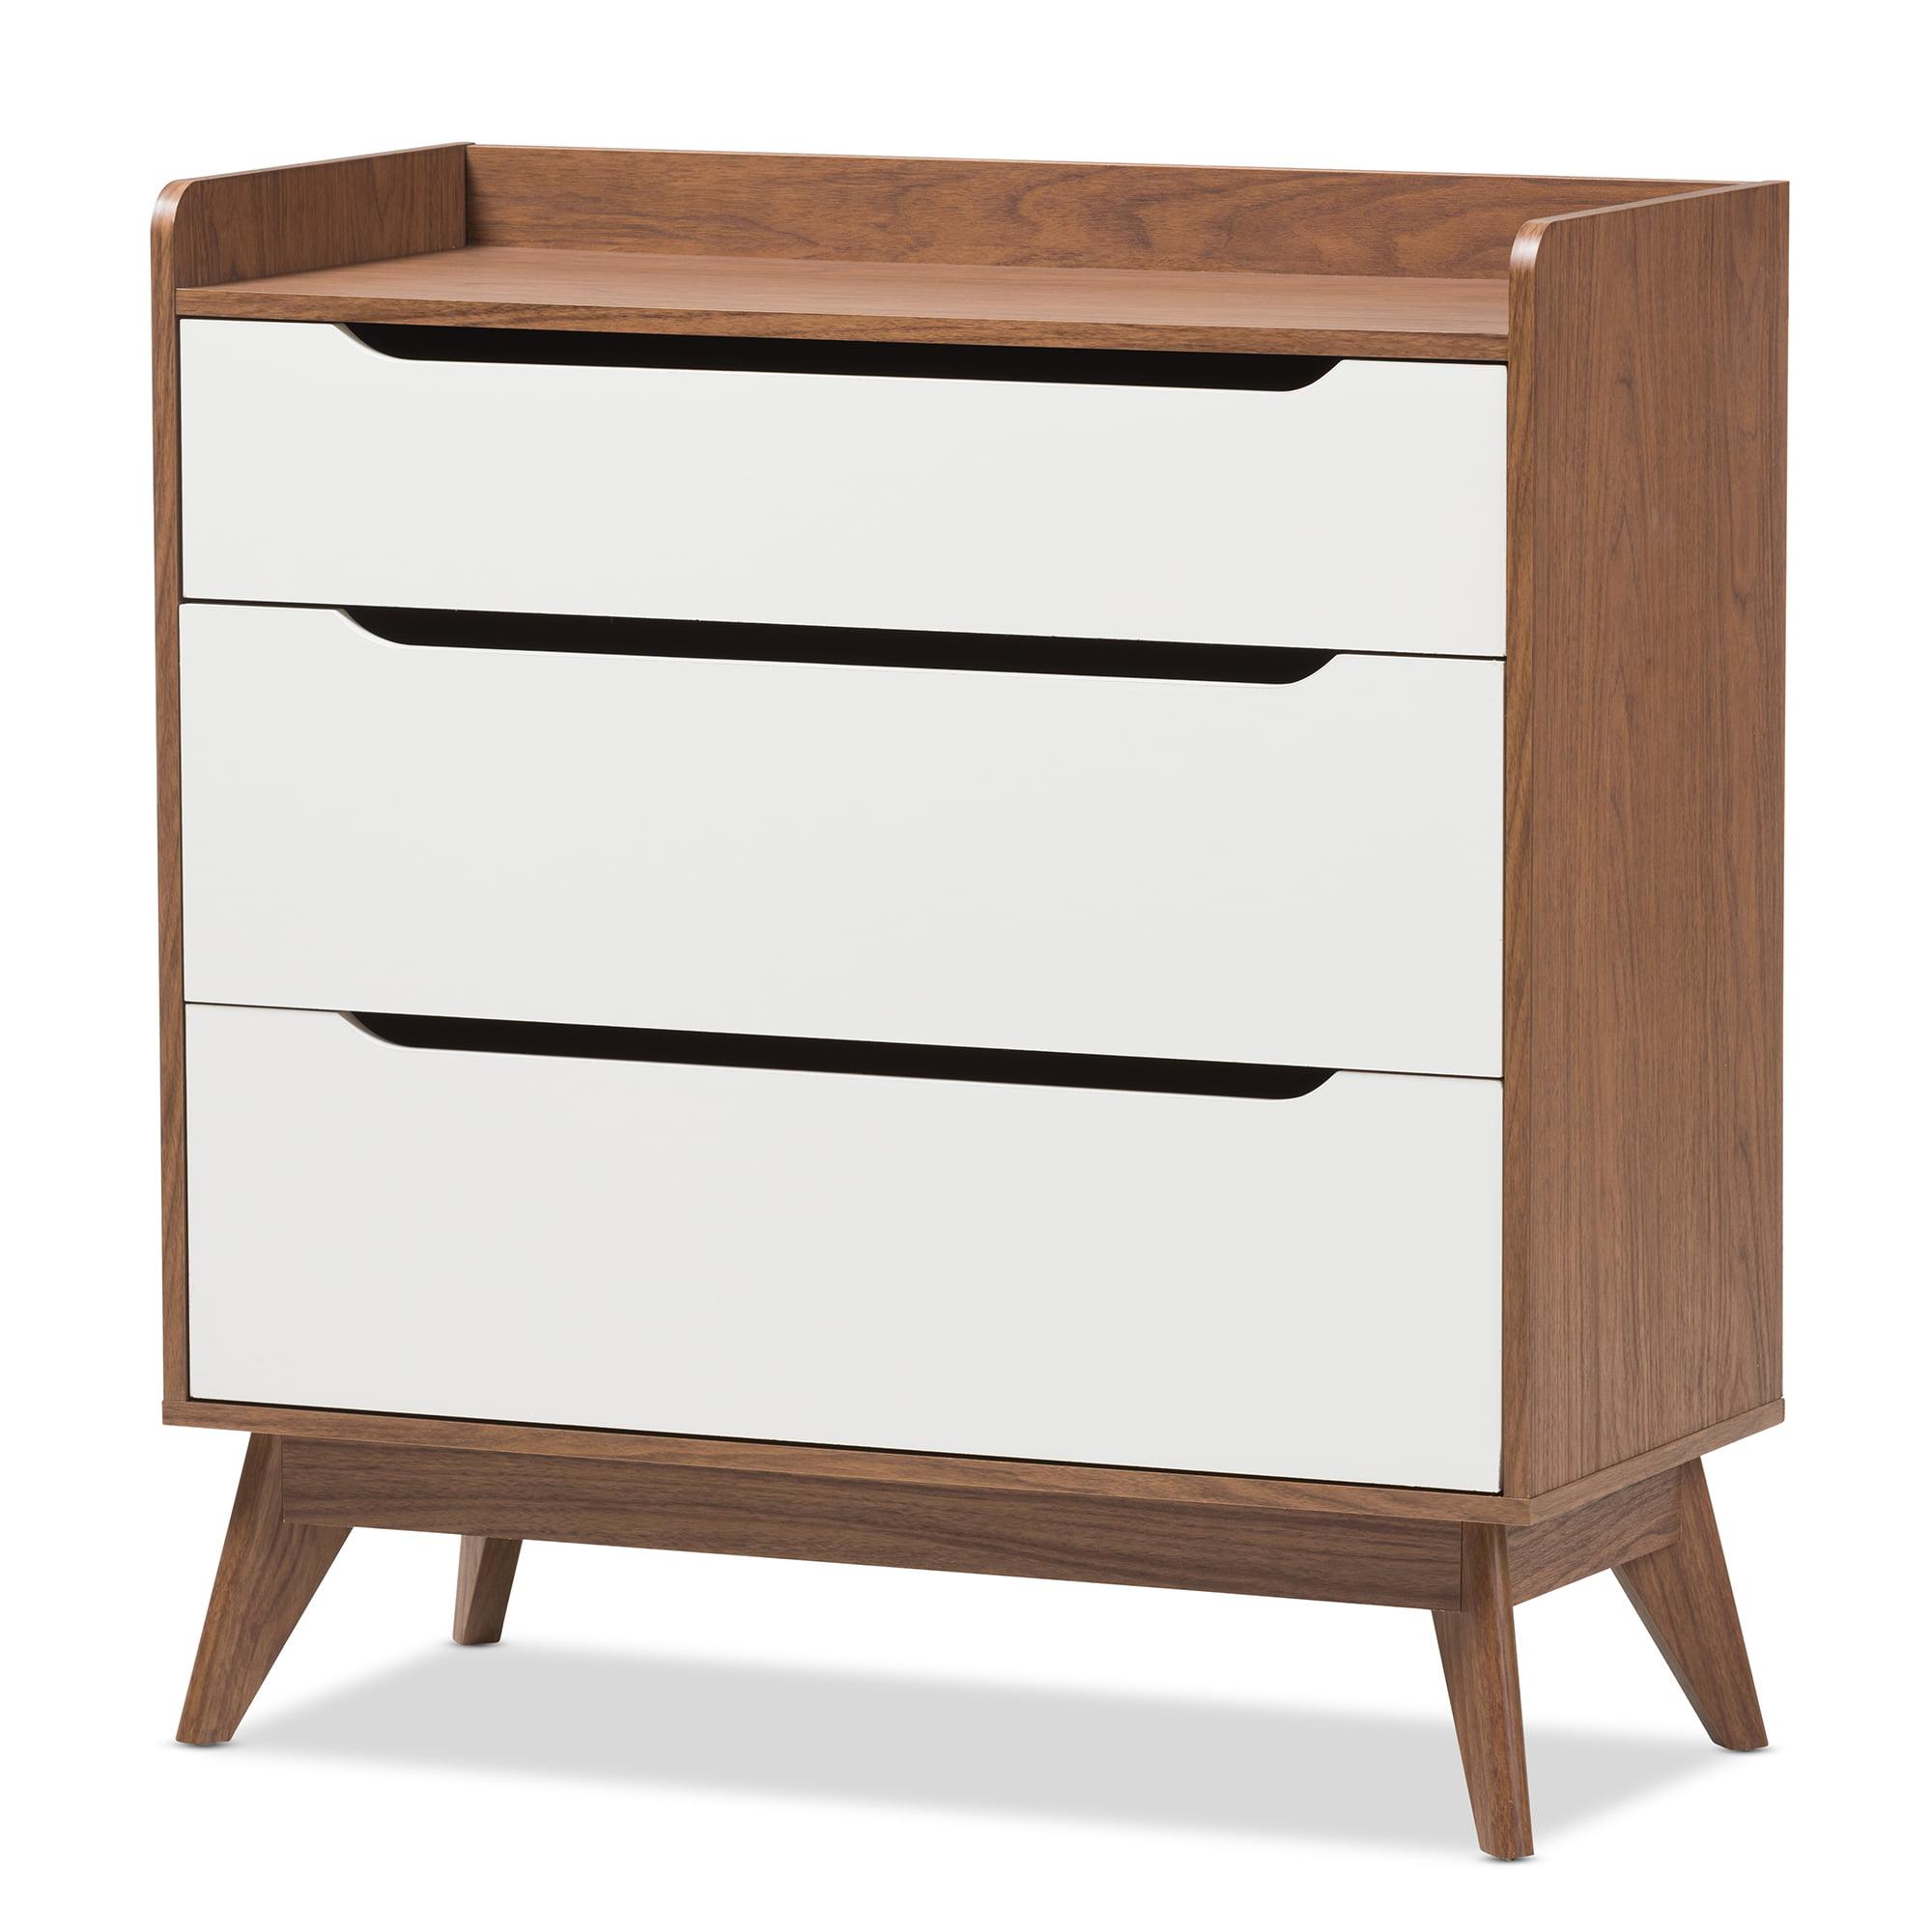 Baxton Studio Brighton Mid-Century Modern White and Walnut Wood 3-Drawer Storage Chest